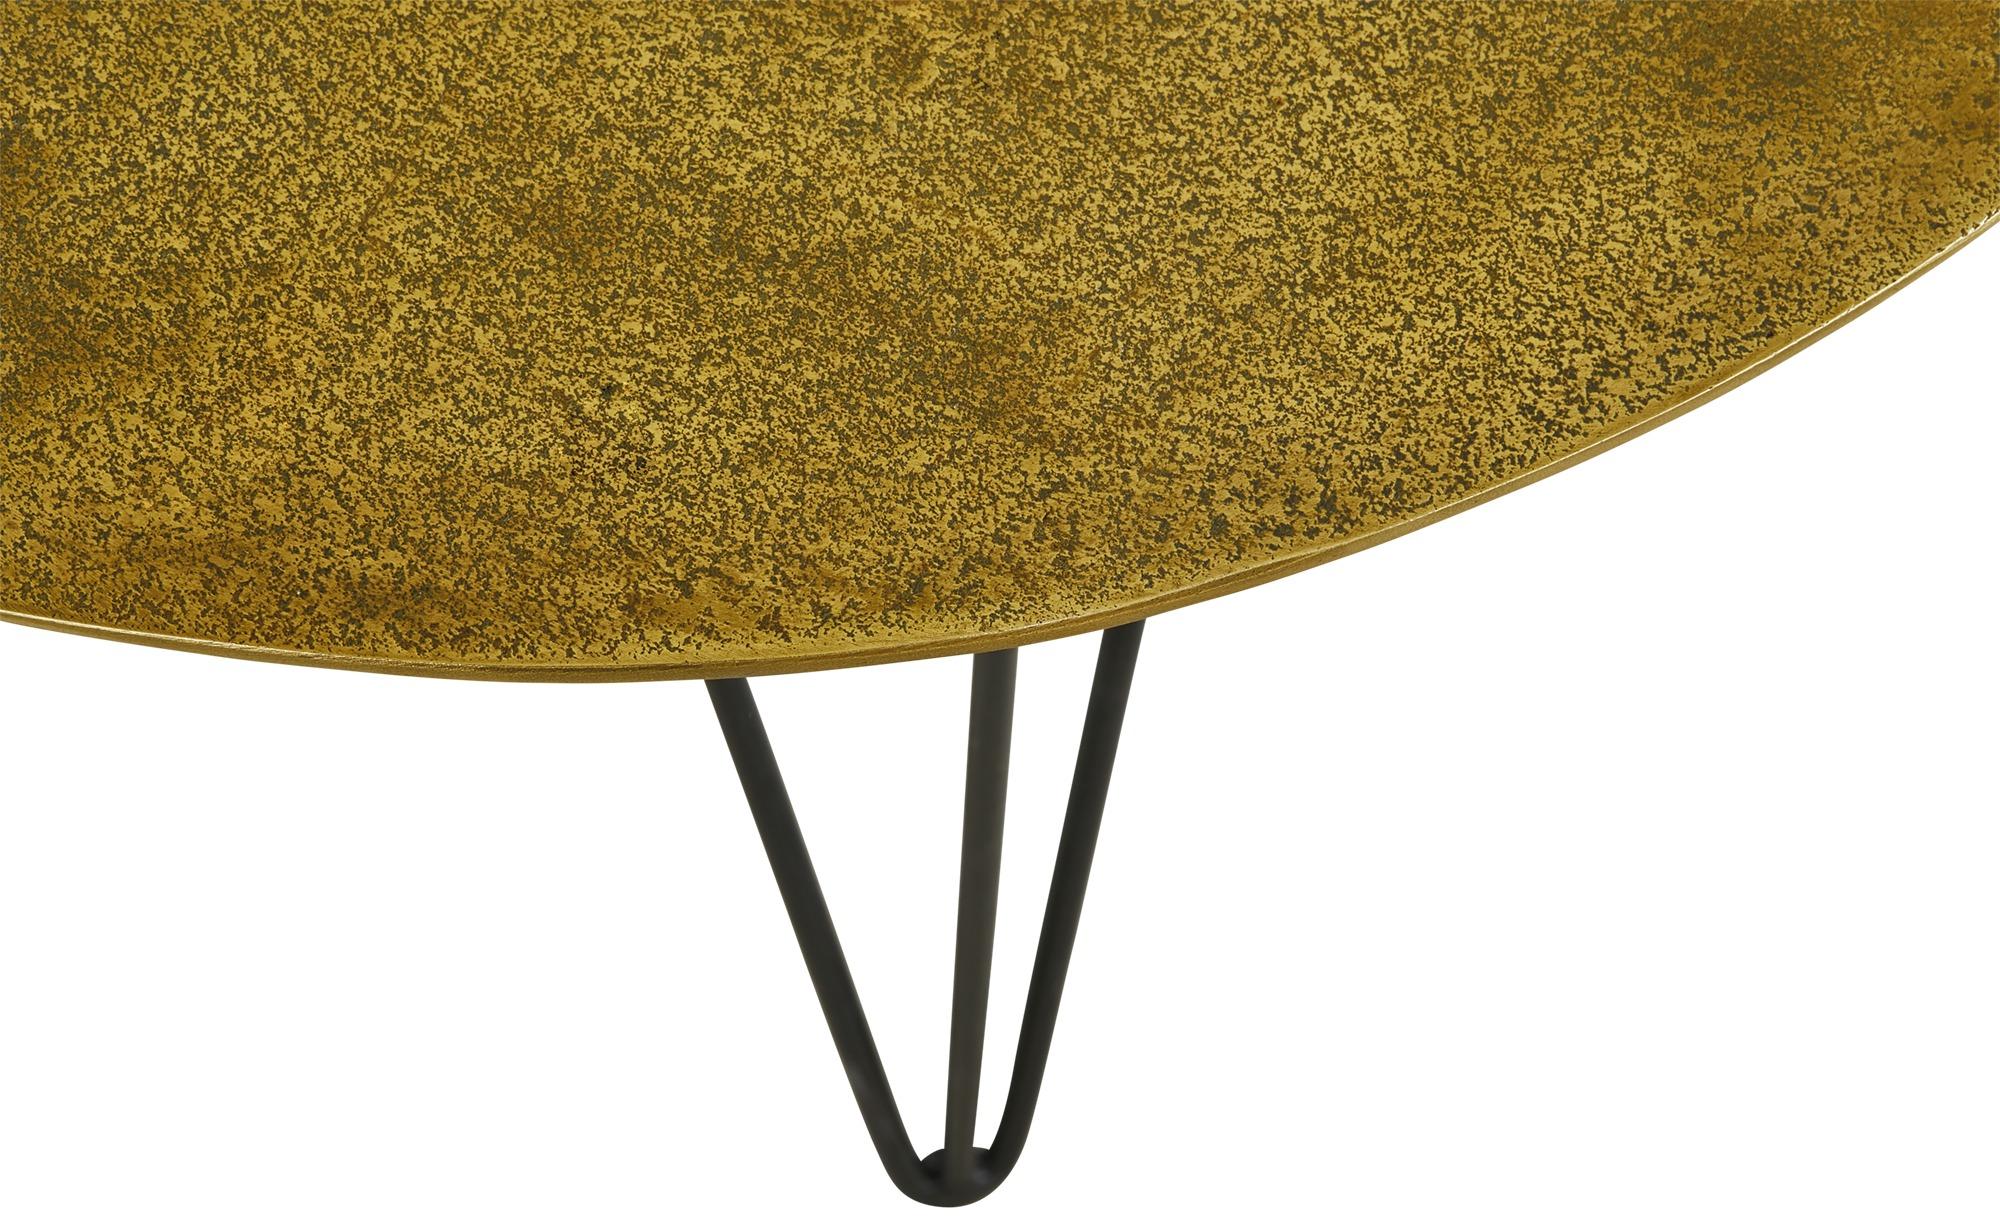 Couchtisch  Cake ¦ gold ¦ Maße (cm): H: 49 Ø: 65 Tische > Couchtische > Couchtische rund - Höffner